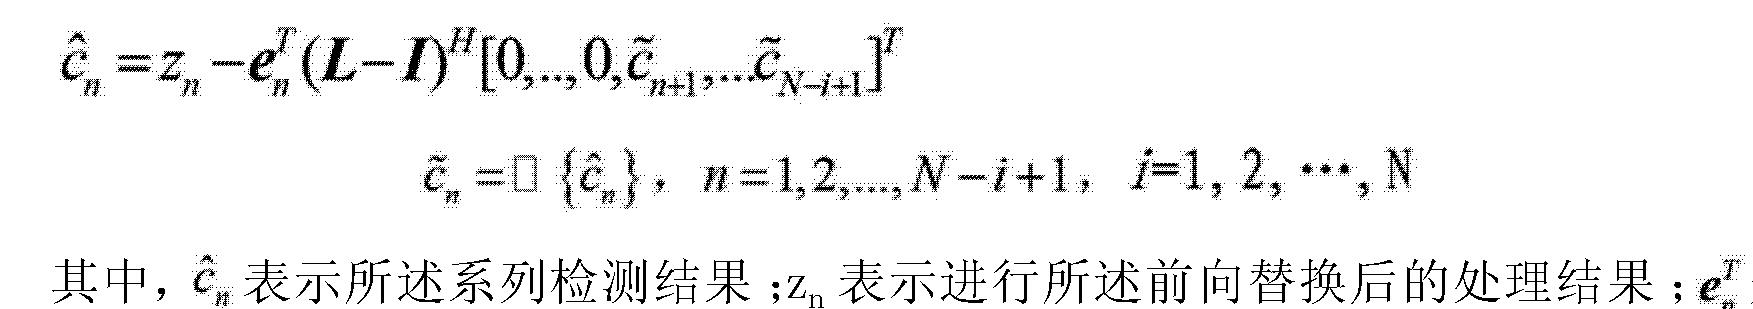 Figure CN101931593BC00031